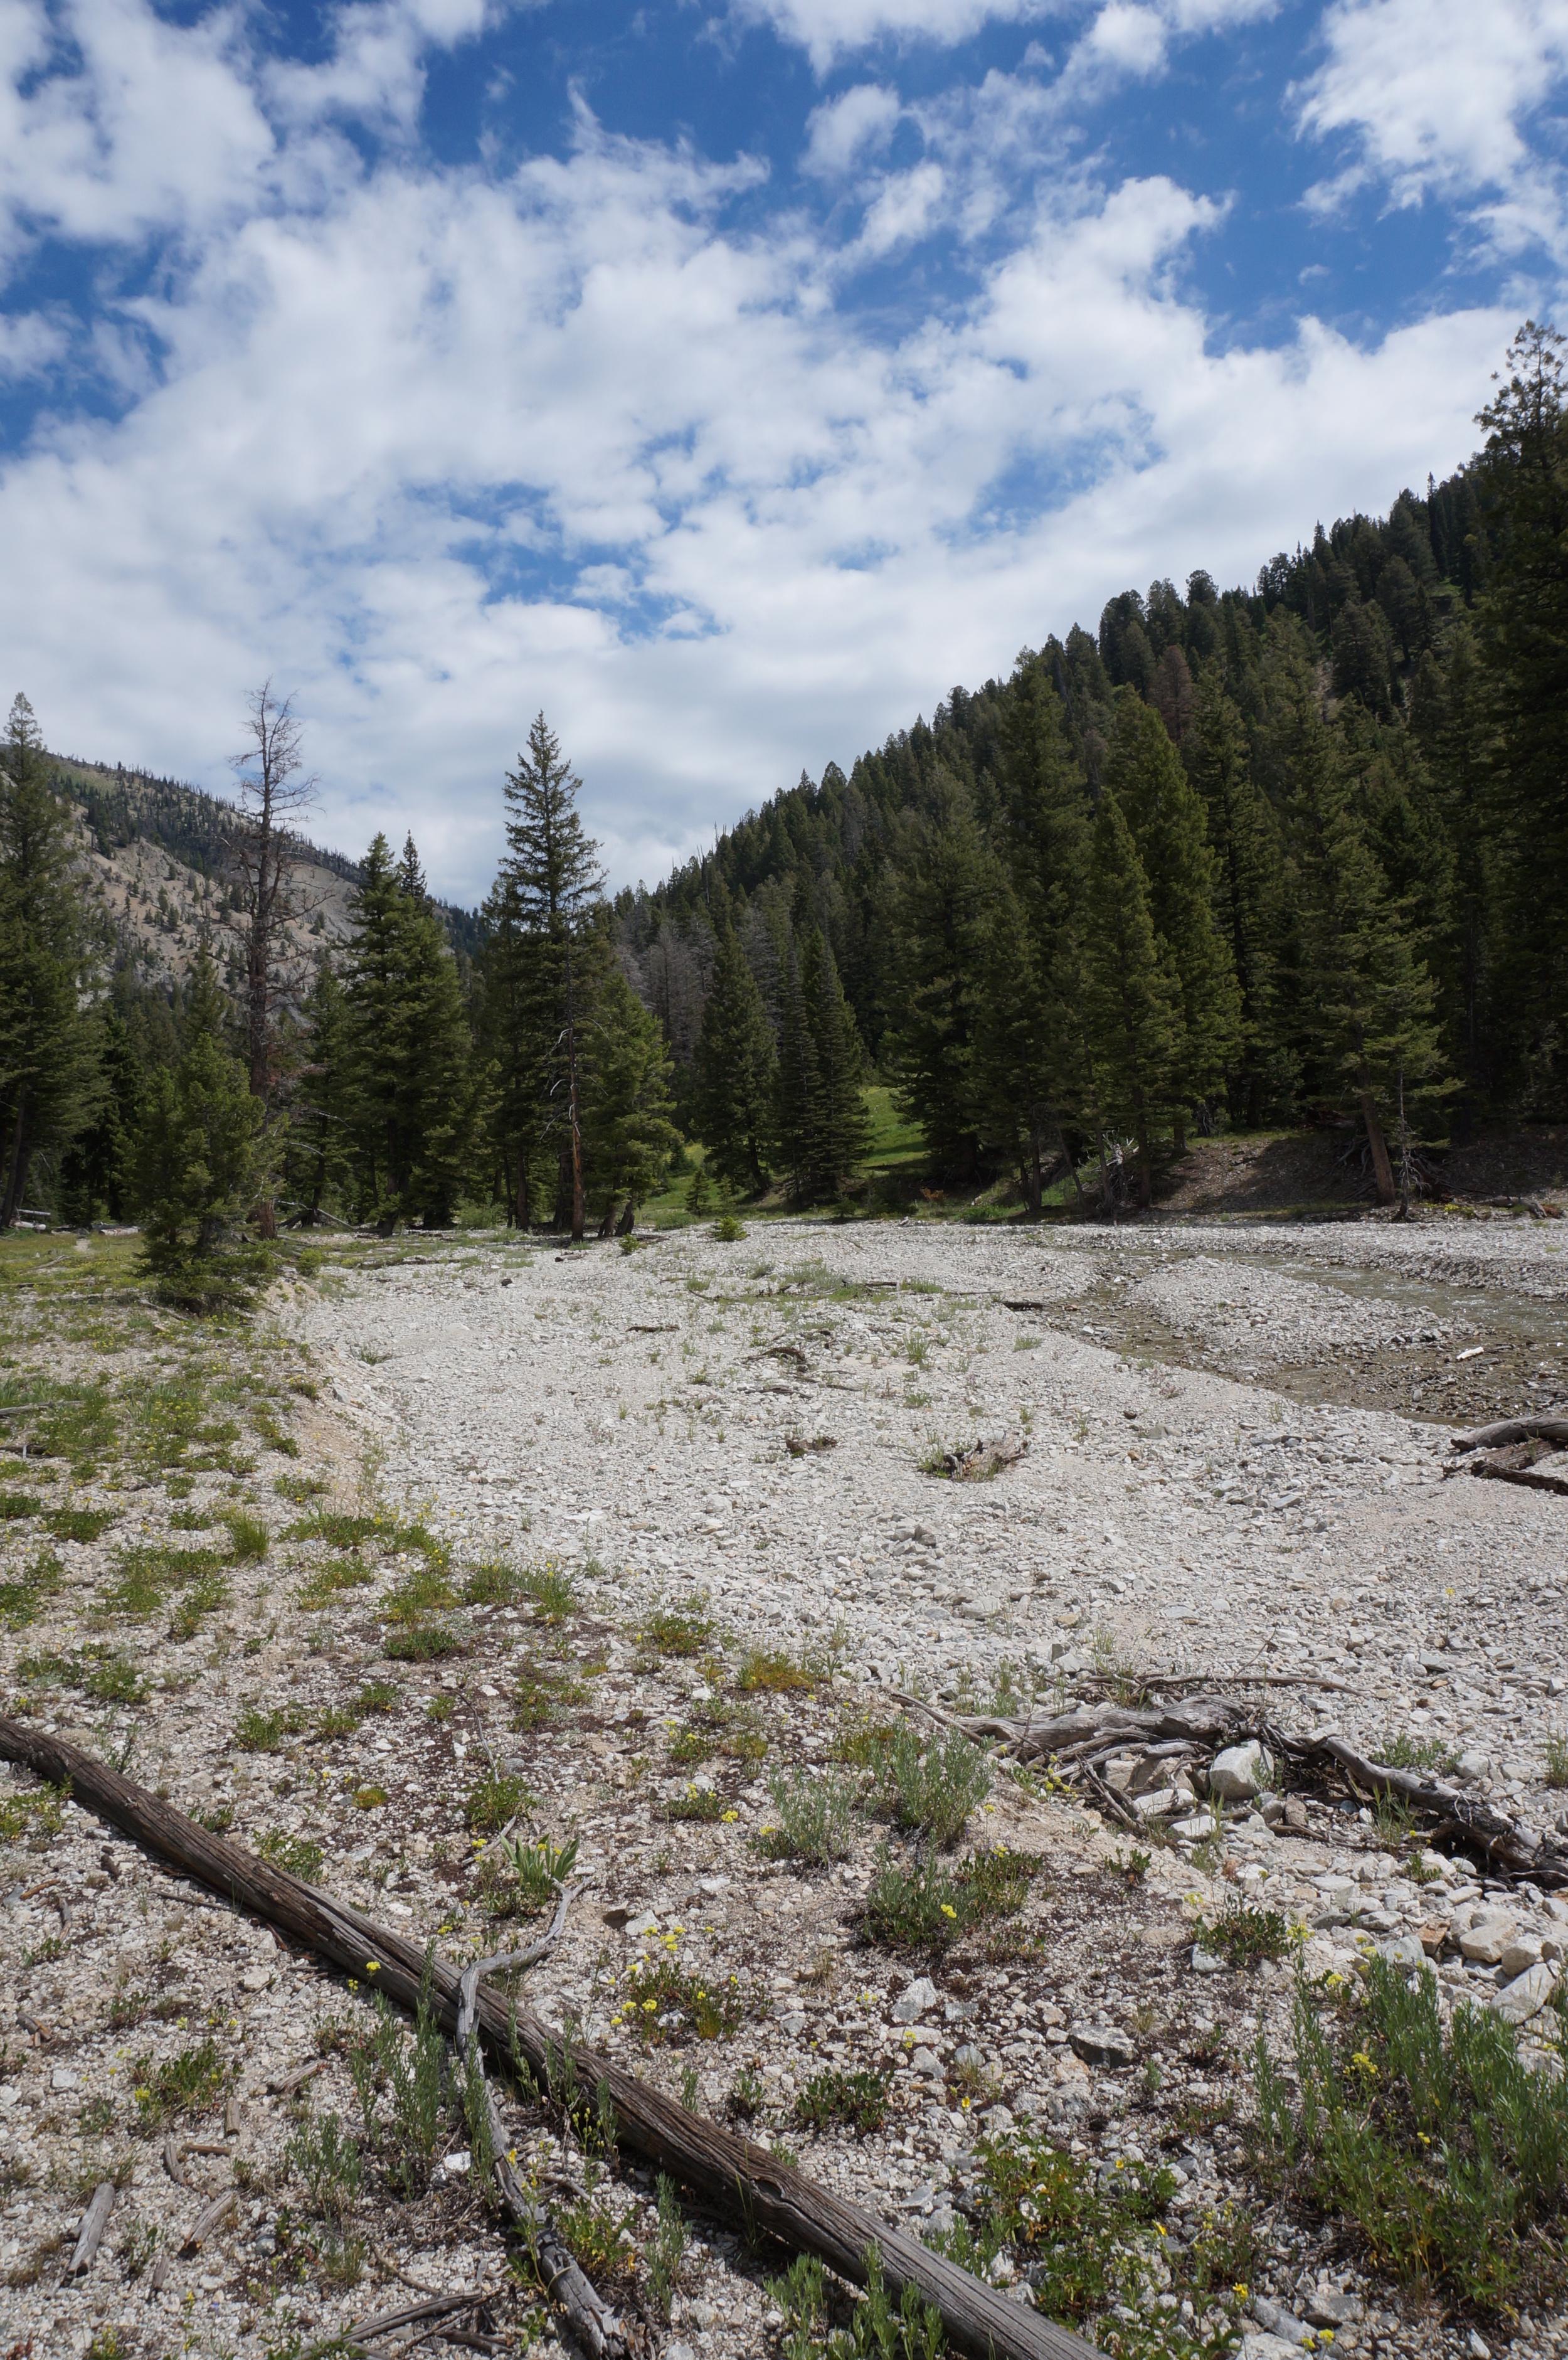 vanlife-rv-campervan-rent-idaho-sun-valley-boise-wandervans-wanderlust-skiing-snowboard-biking-hiking-outsidevan-Wandervans-idaho